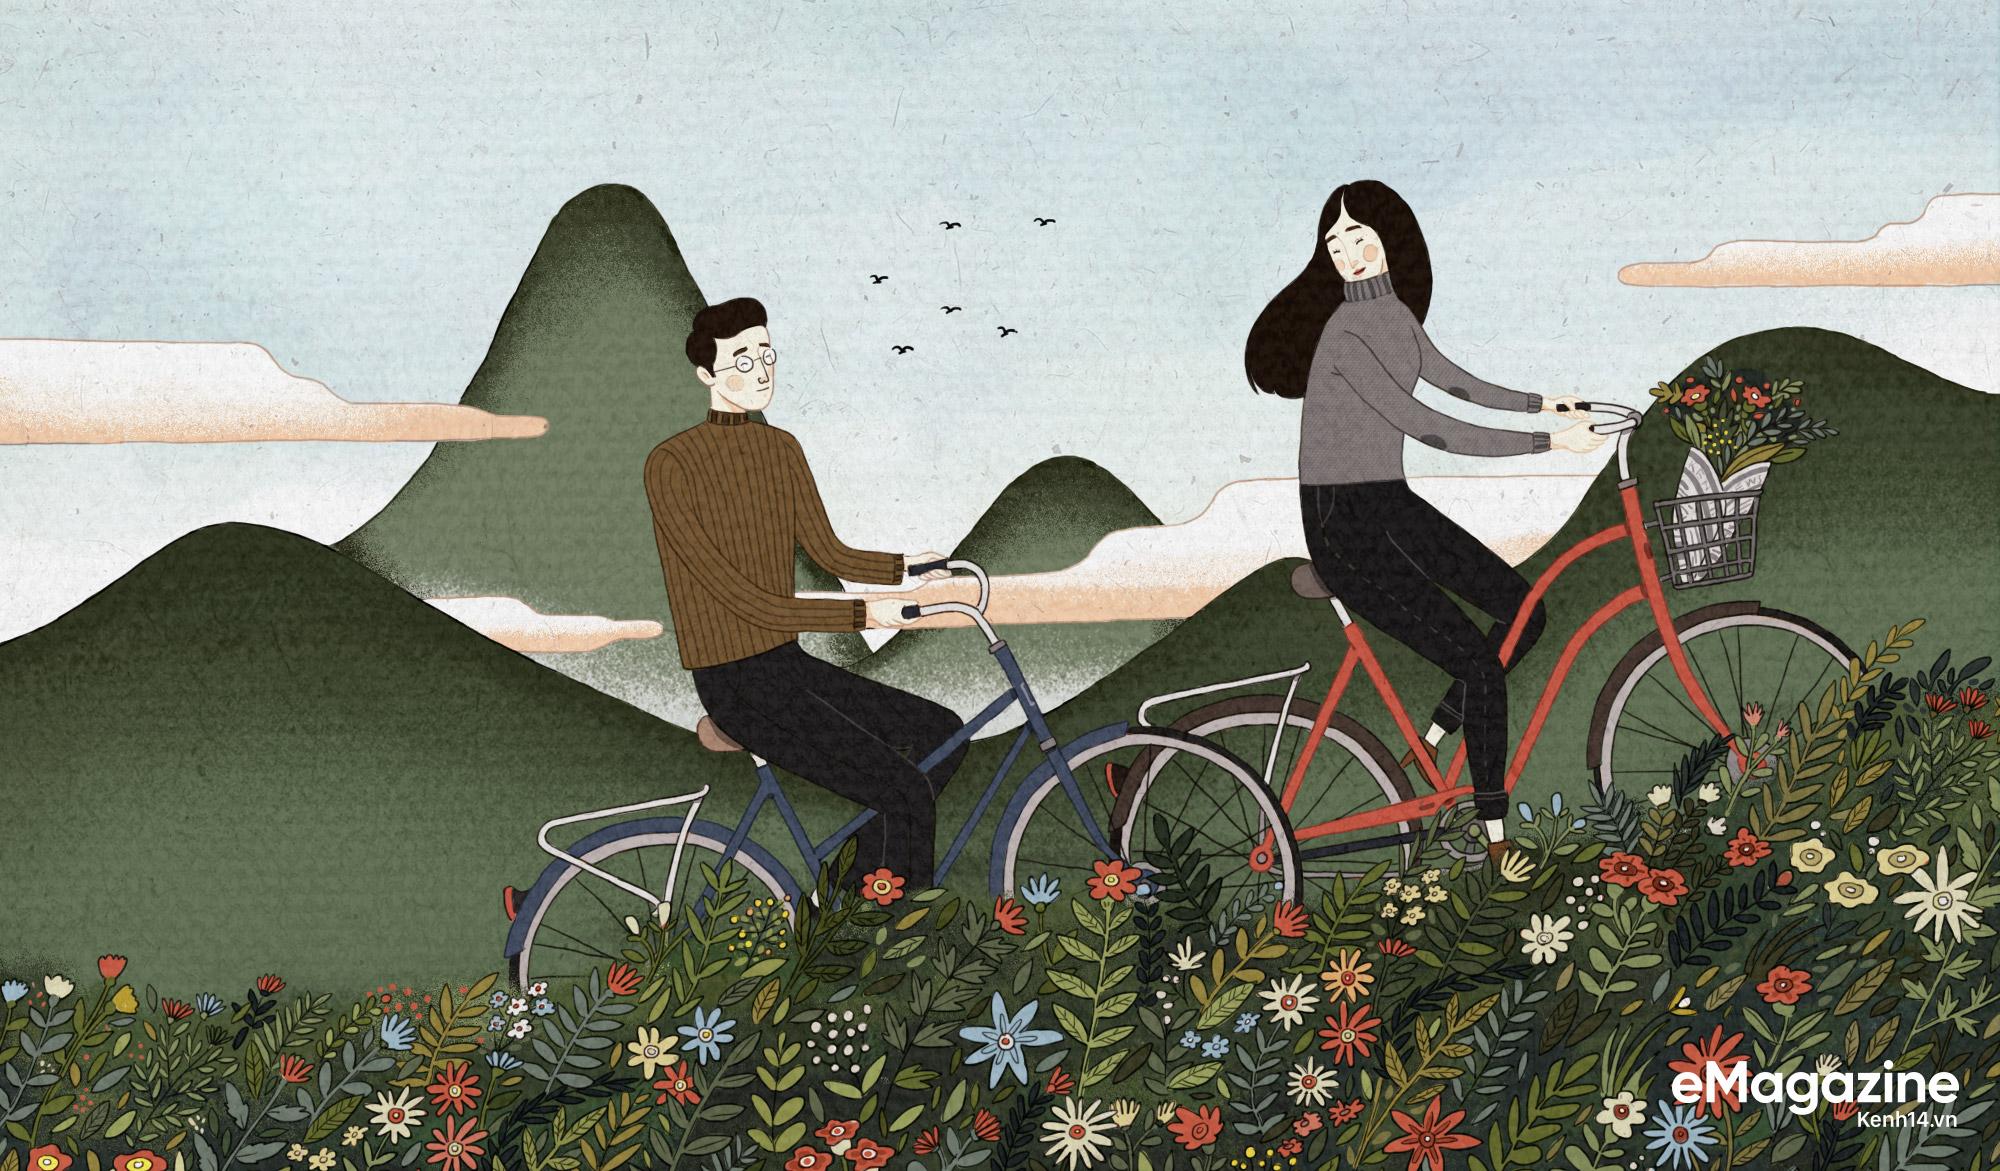 Chẳng phải tình bạn, rất giống tình yêu, nhưng vẫn chưa phải là tình yêu - Ảnh 6.